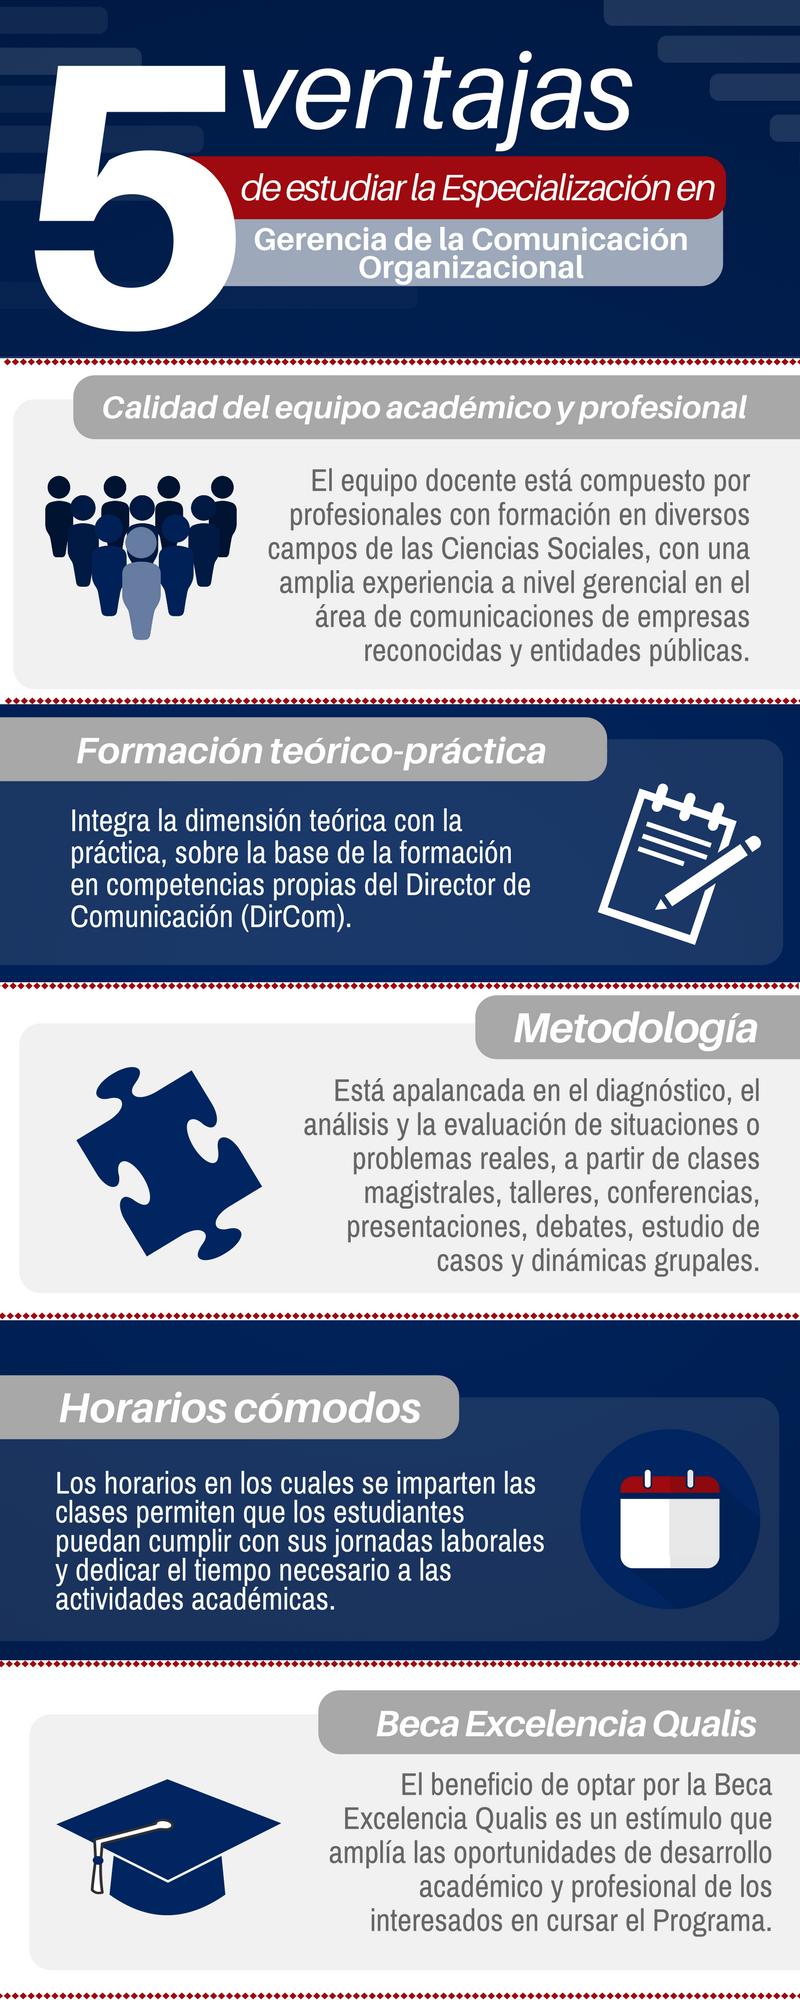 Ventajas de estudiar la Especialización en Gerencia de la Comunicación Organizacional de la Universidad de La Sabana